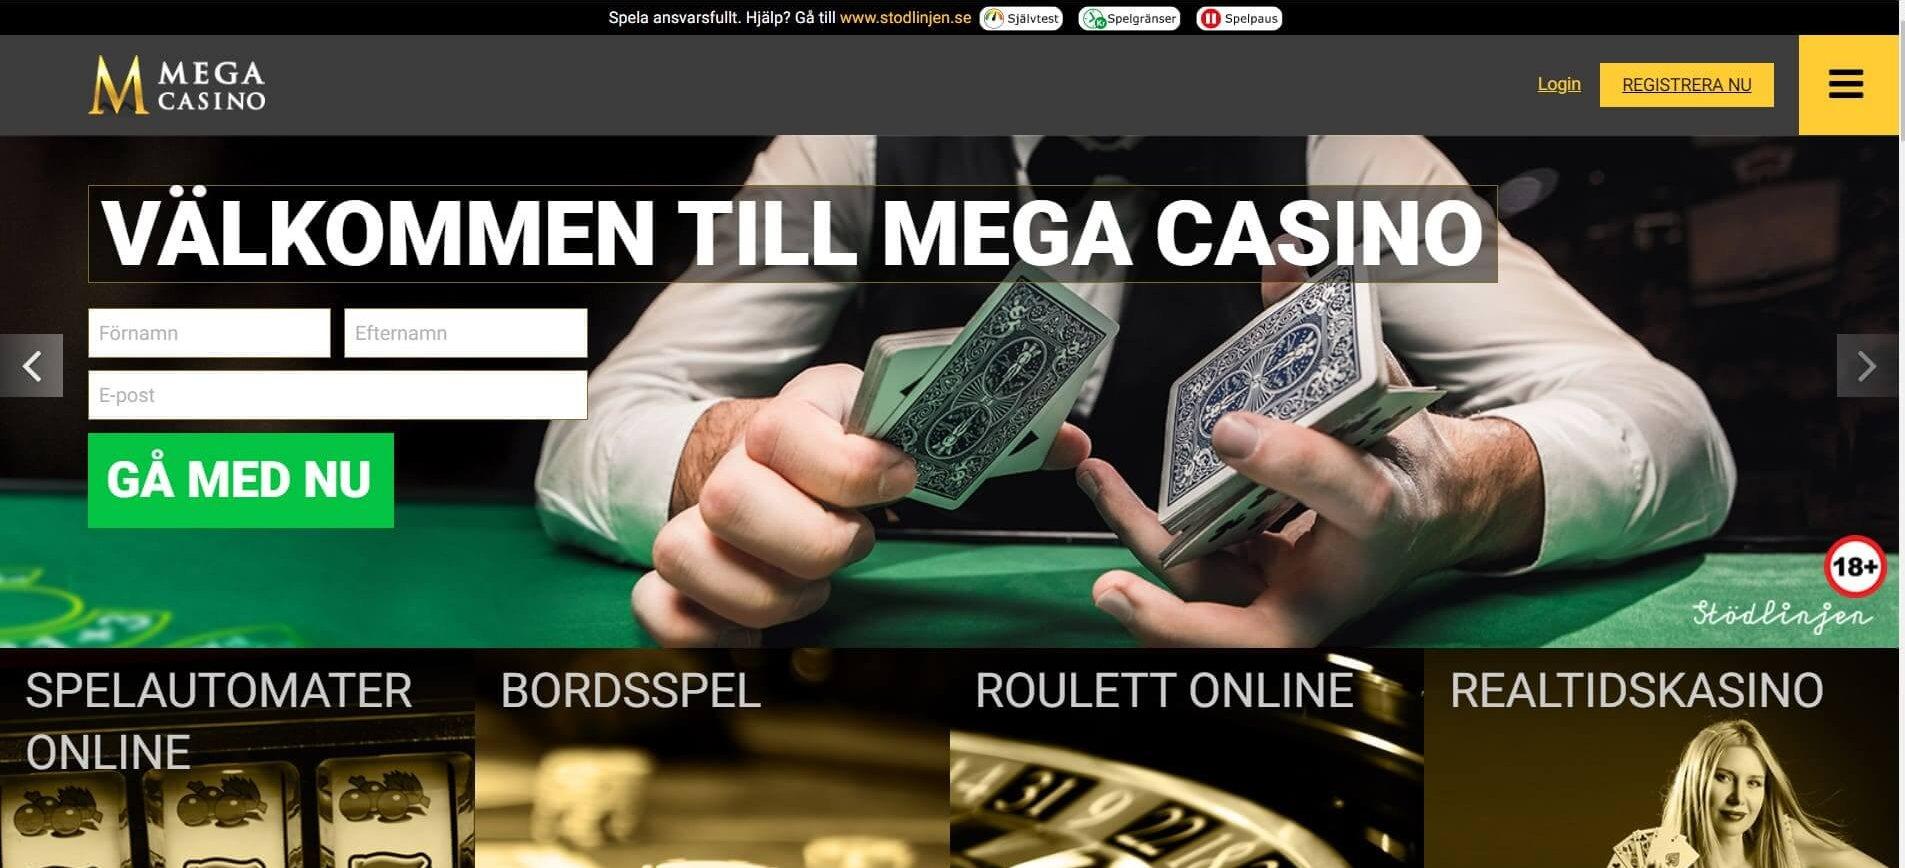 Mega Casino är ett eget online casino